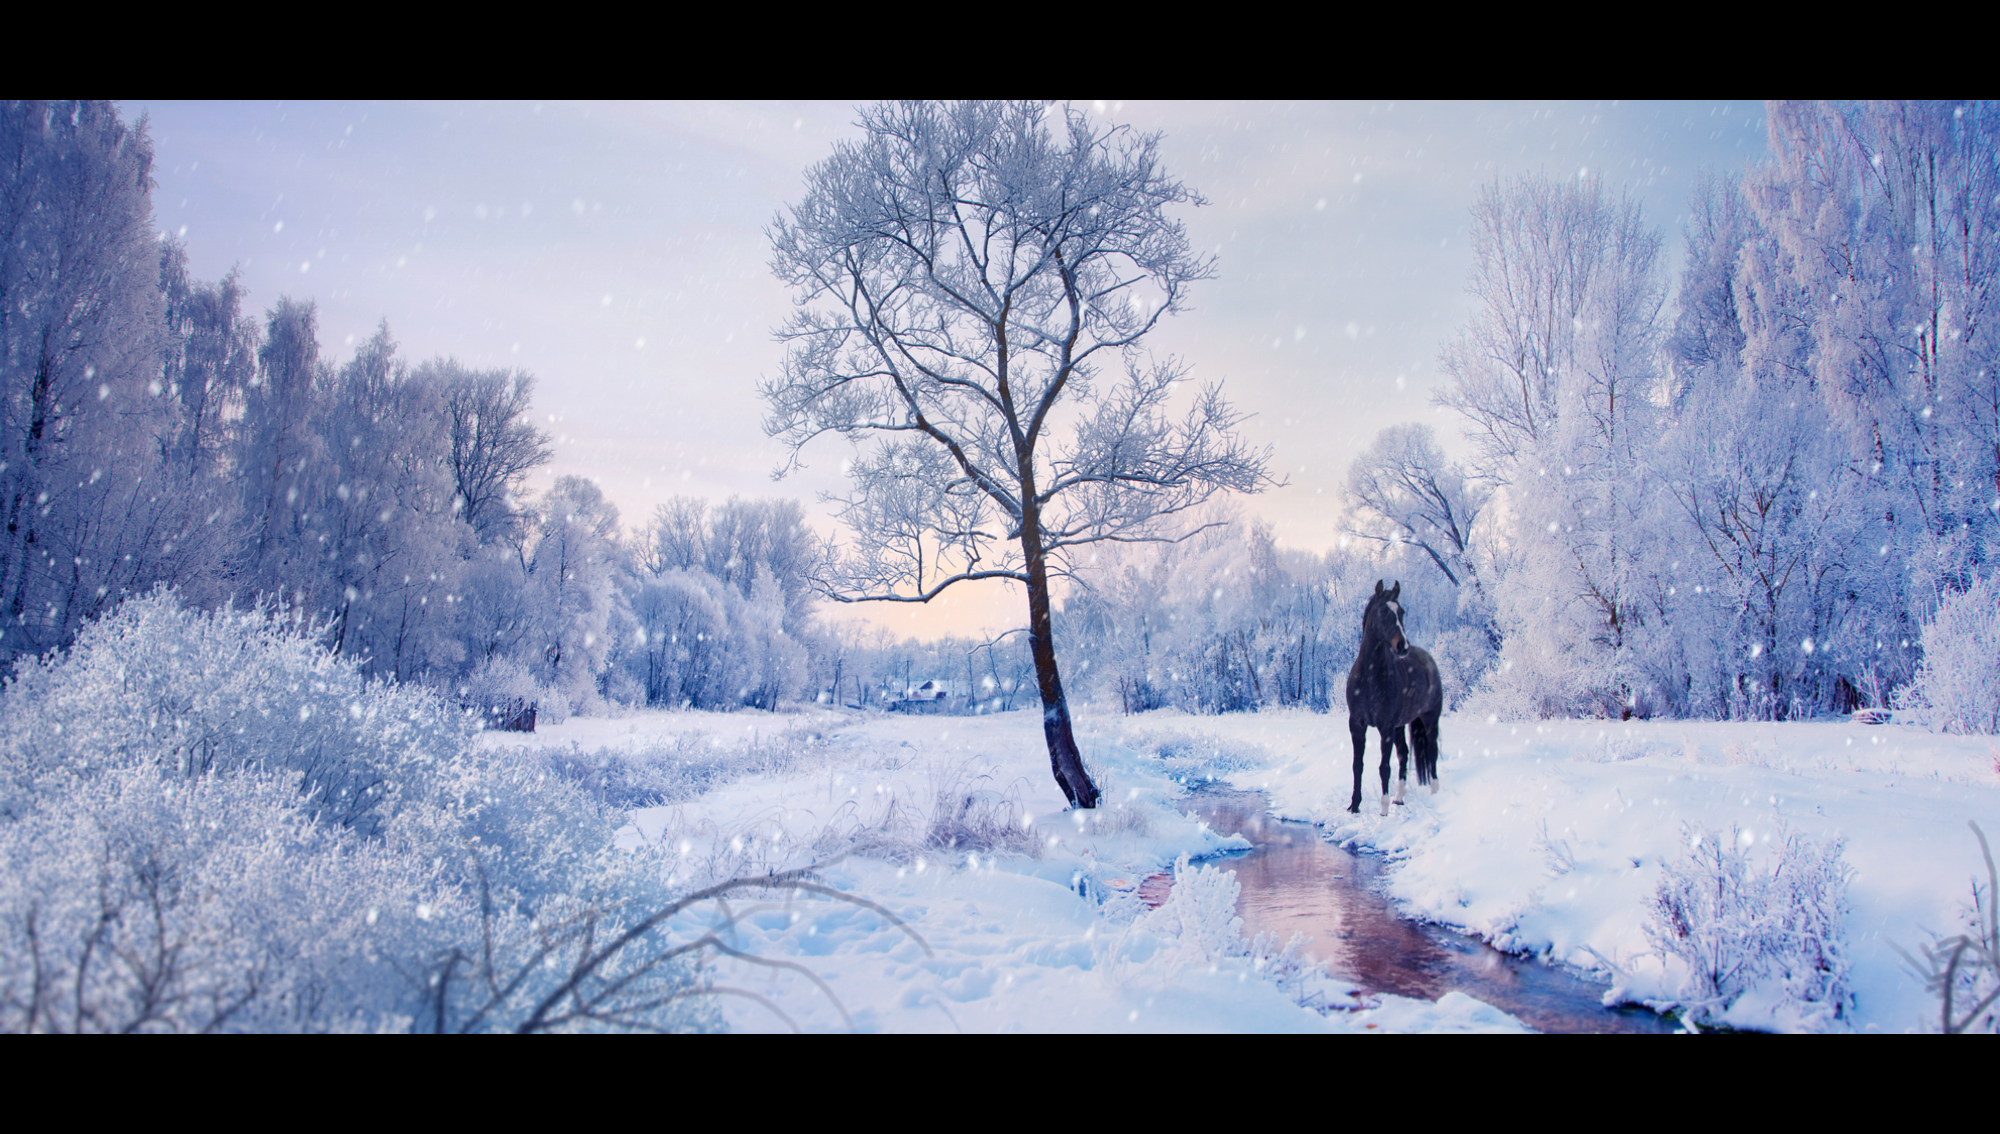 Resultados de la exploración Winter_by_glazyrin-d4lgwsa